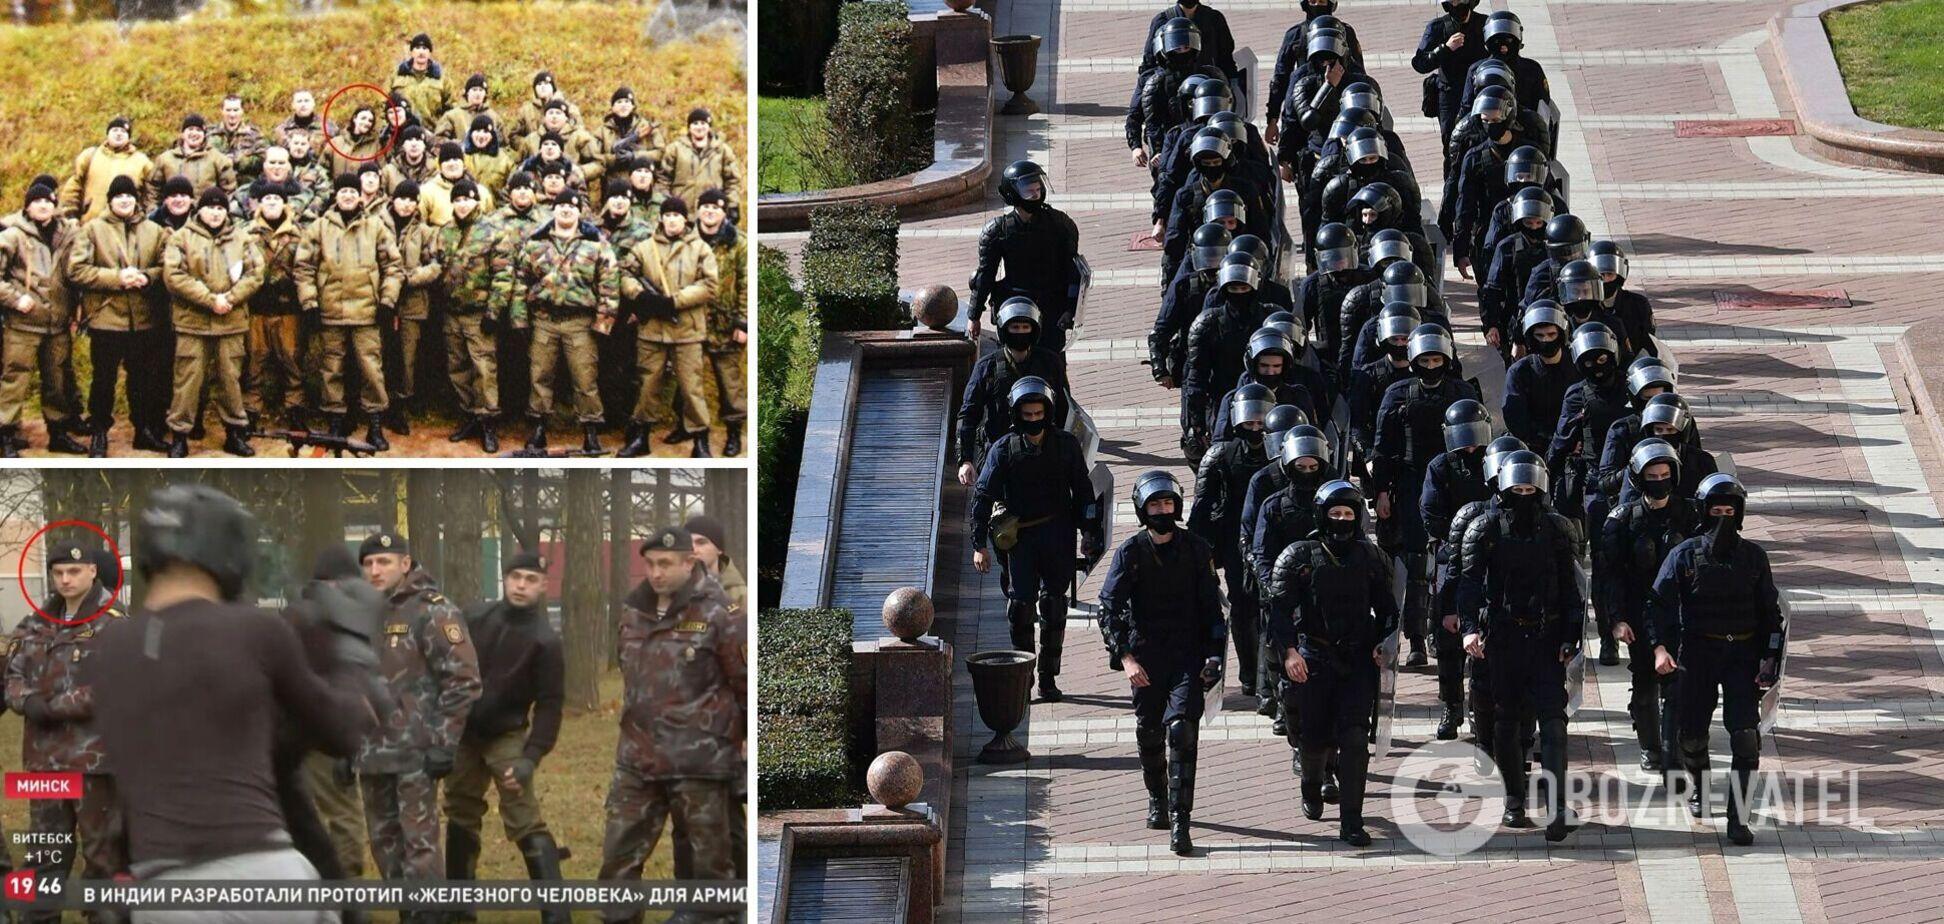 Журналисты установили более десятка экс-бойцов украинского 'Беркута' в белорусской милиции. Фото и видео